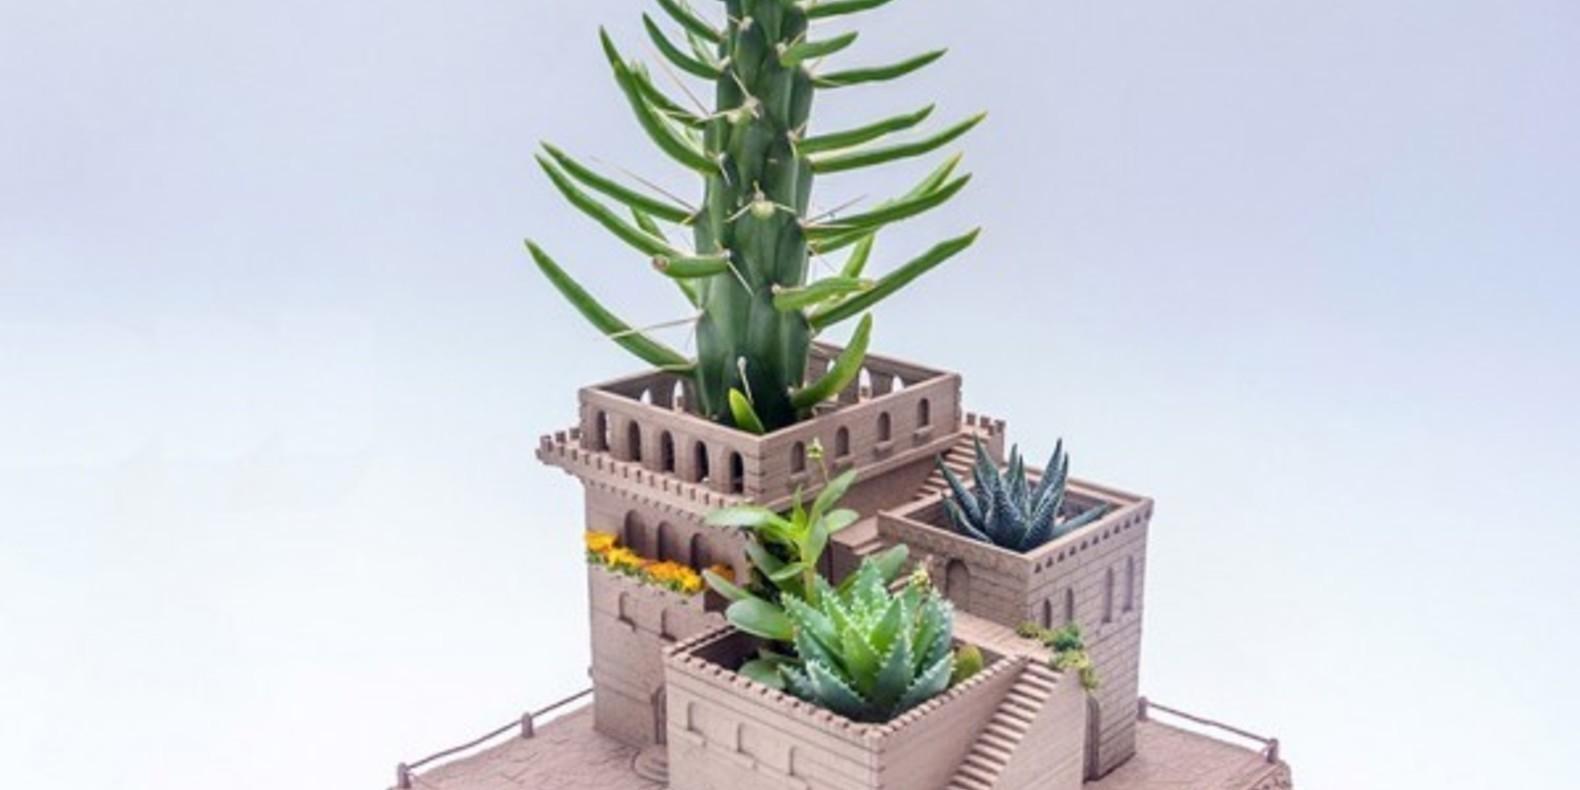 Un pot architectural pour cactus imprimé en 3D